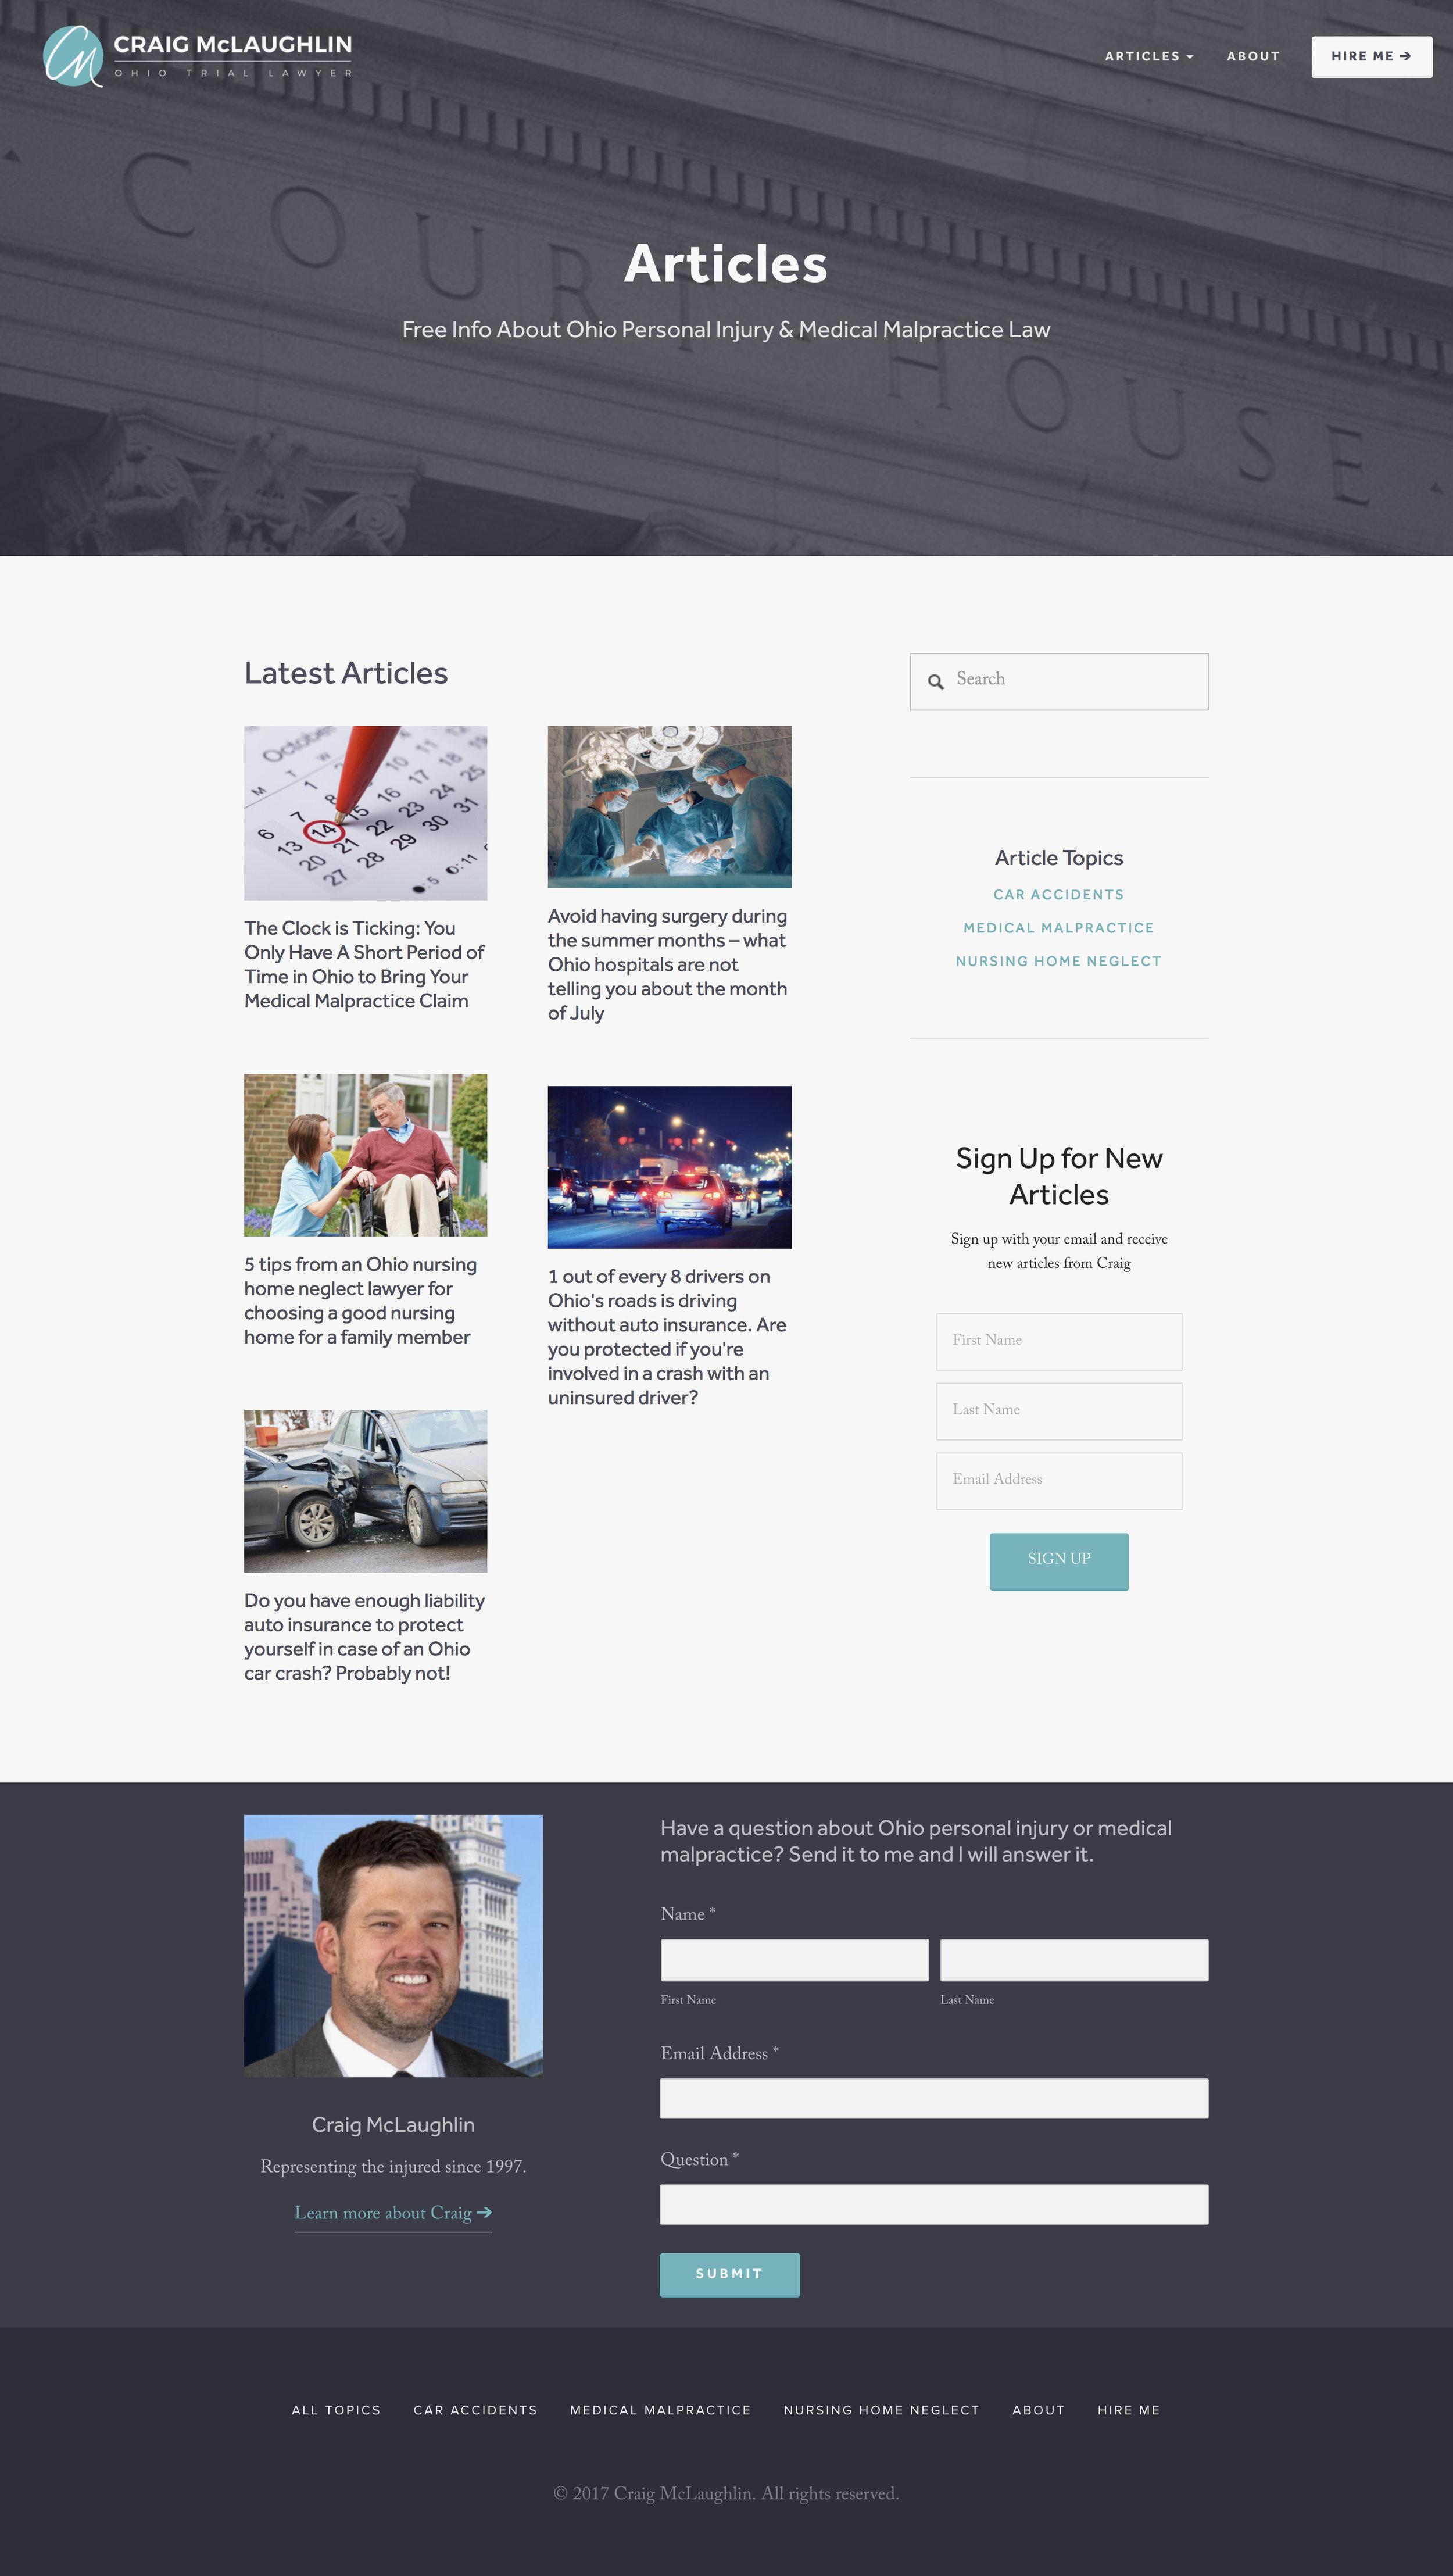 Craig-McLaughlin-Articles.jpg